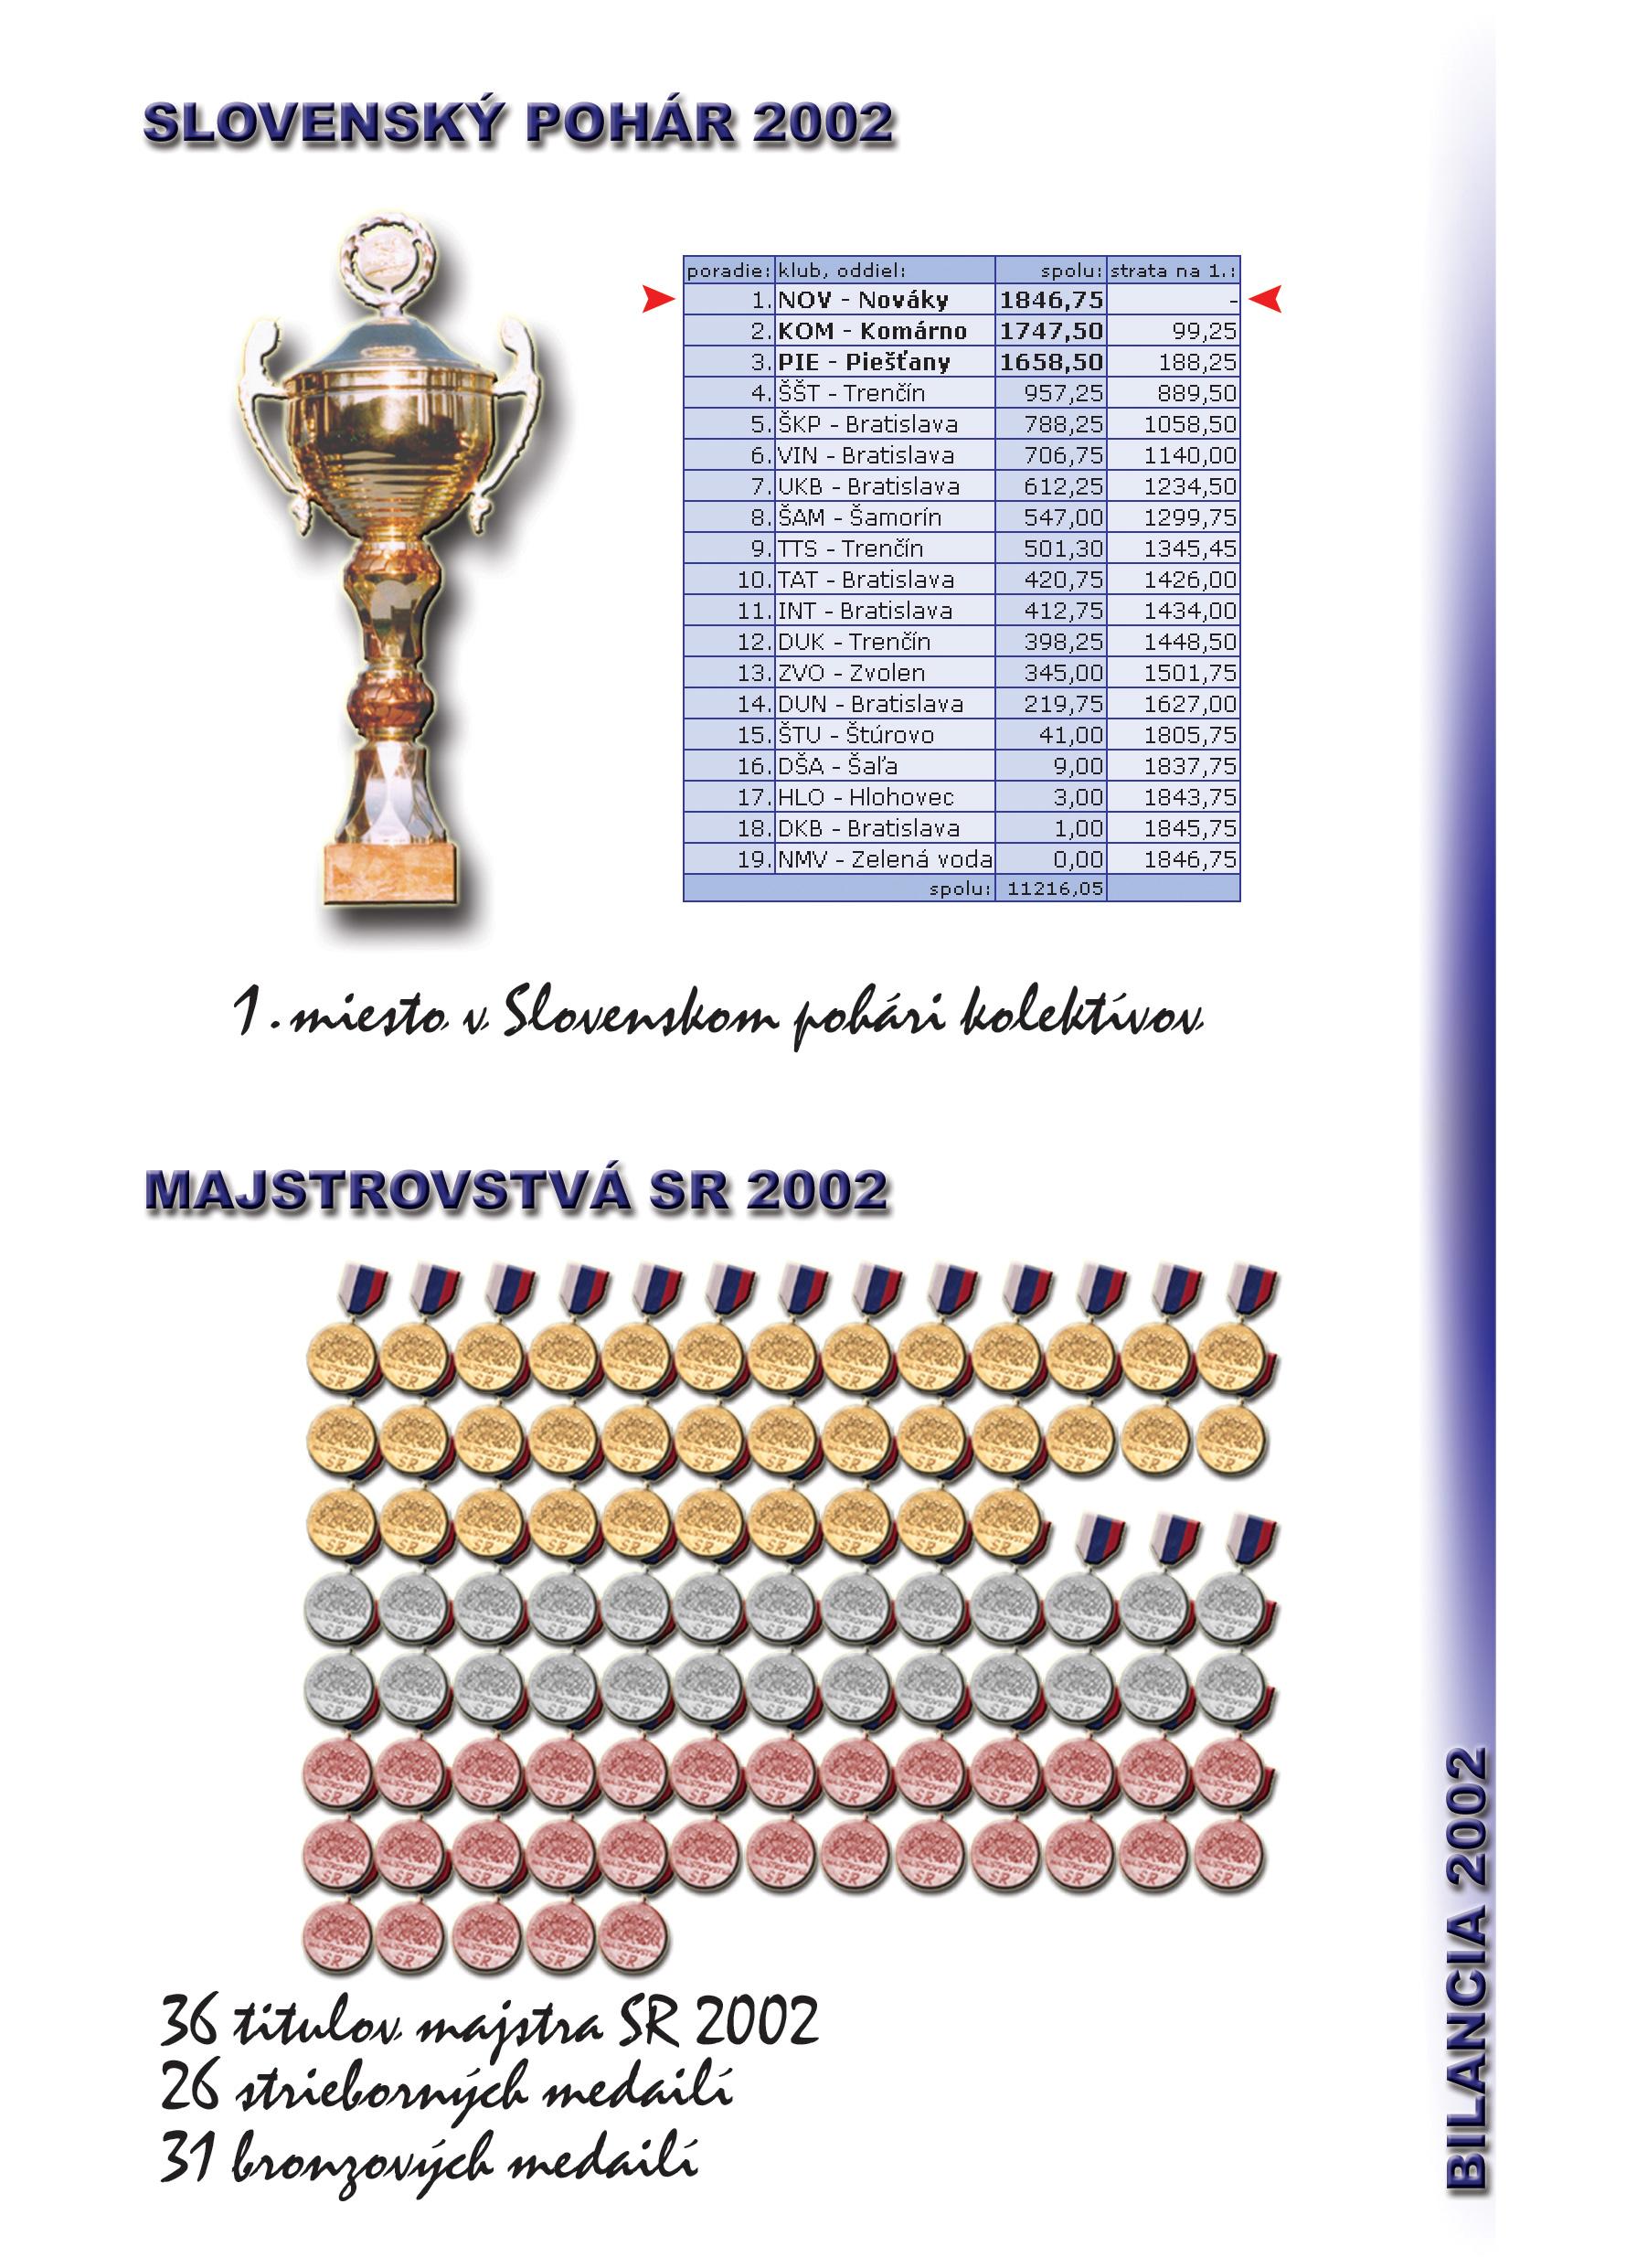 Profil klubu 2002/2003, strana 3